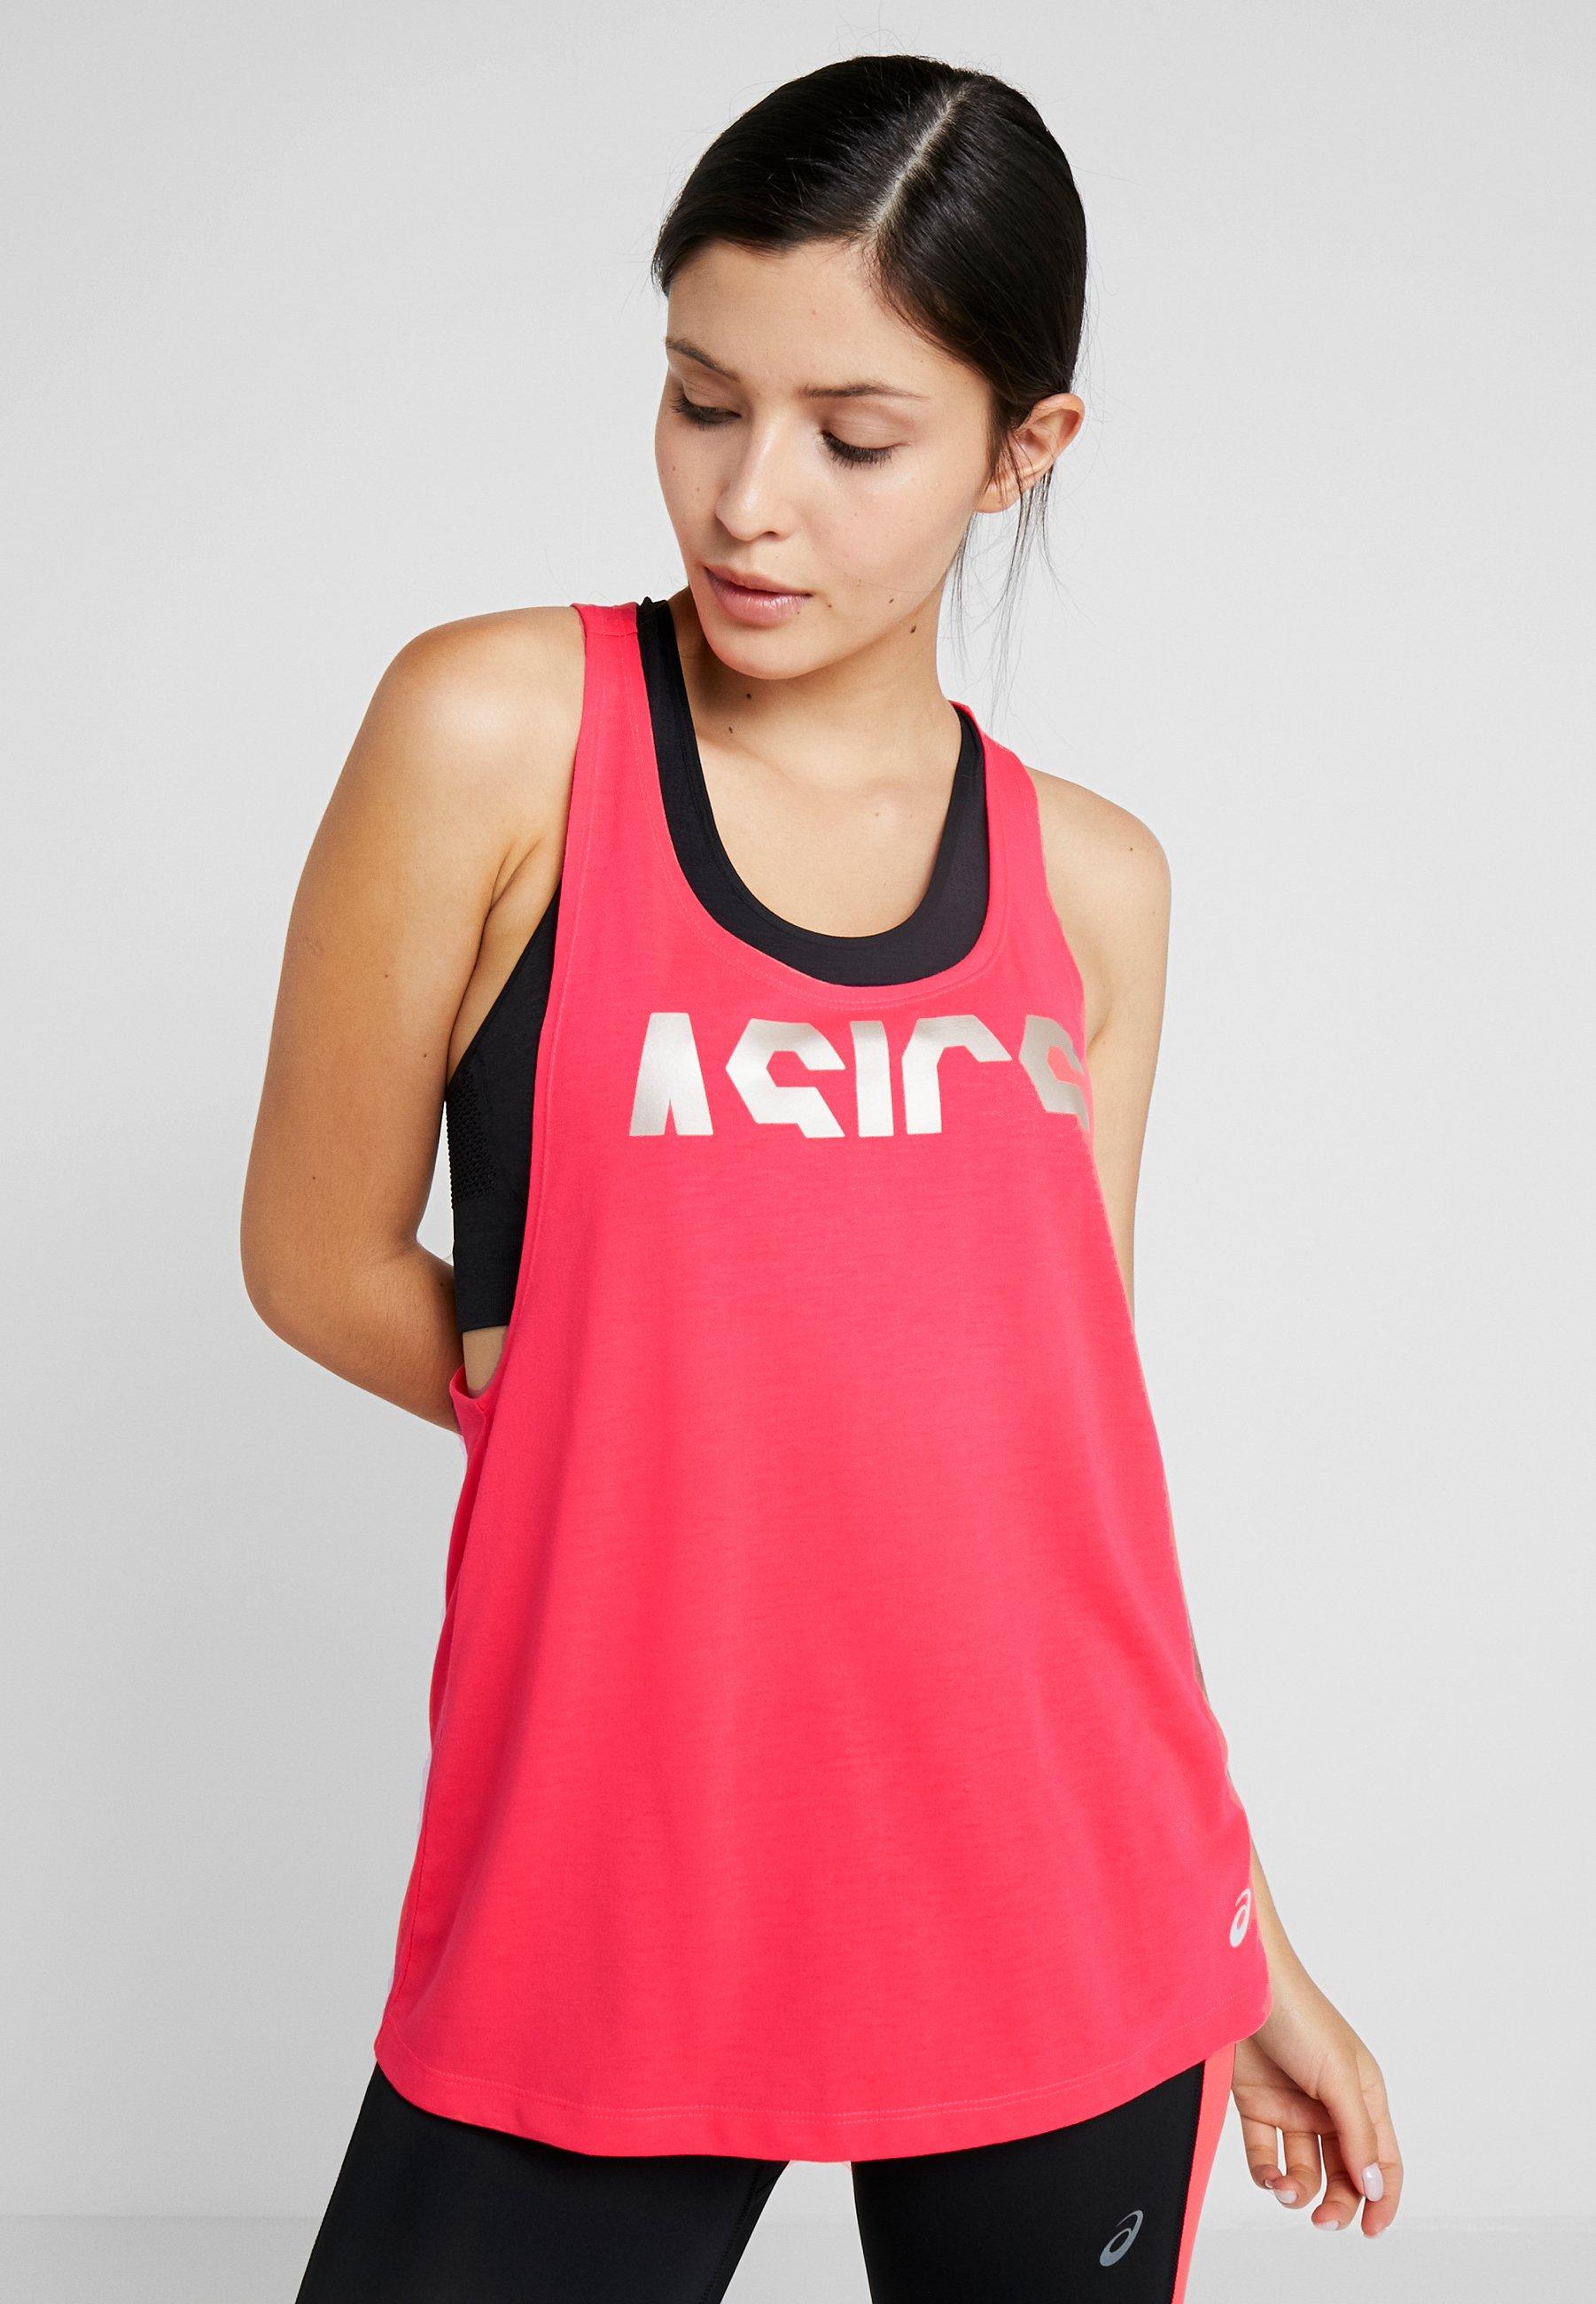 Strap De TankT Laser shirt Sport Asics Pink 4R5jAL